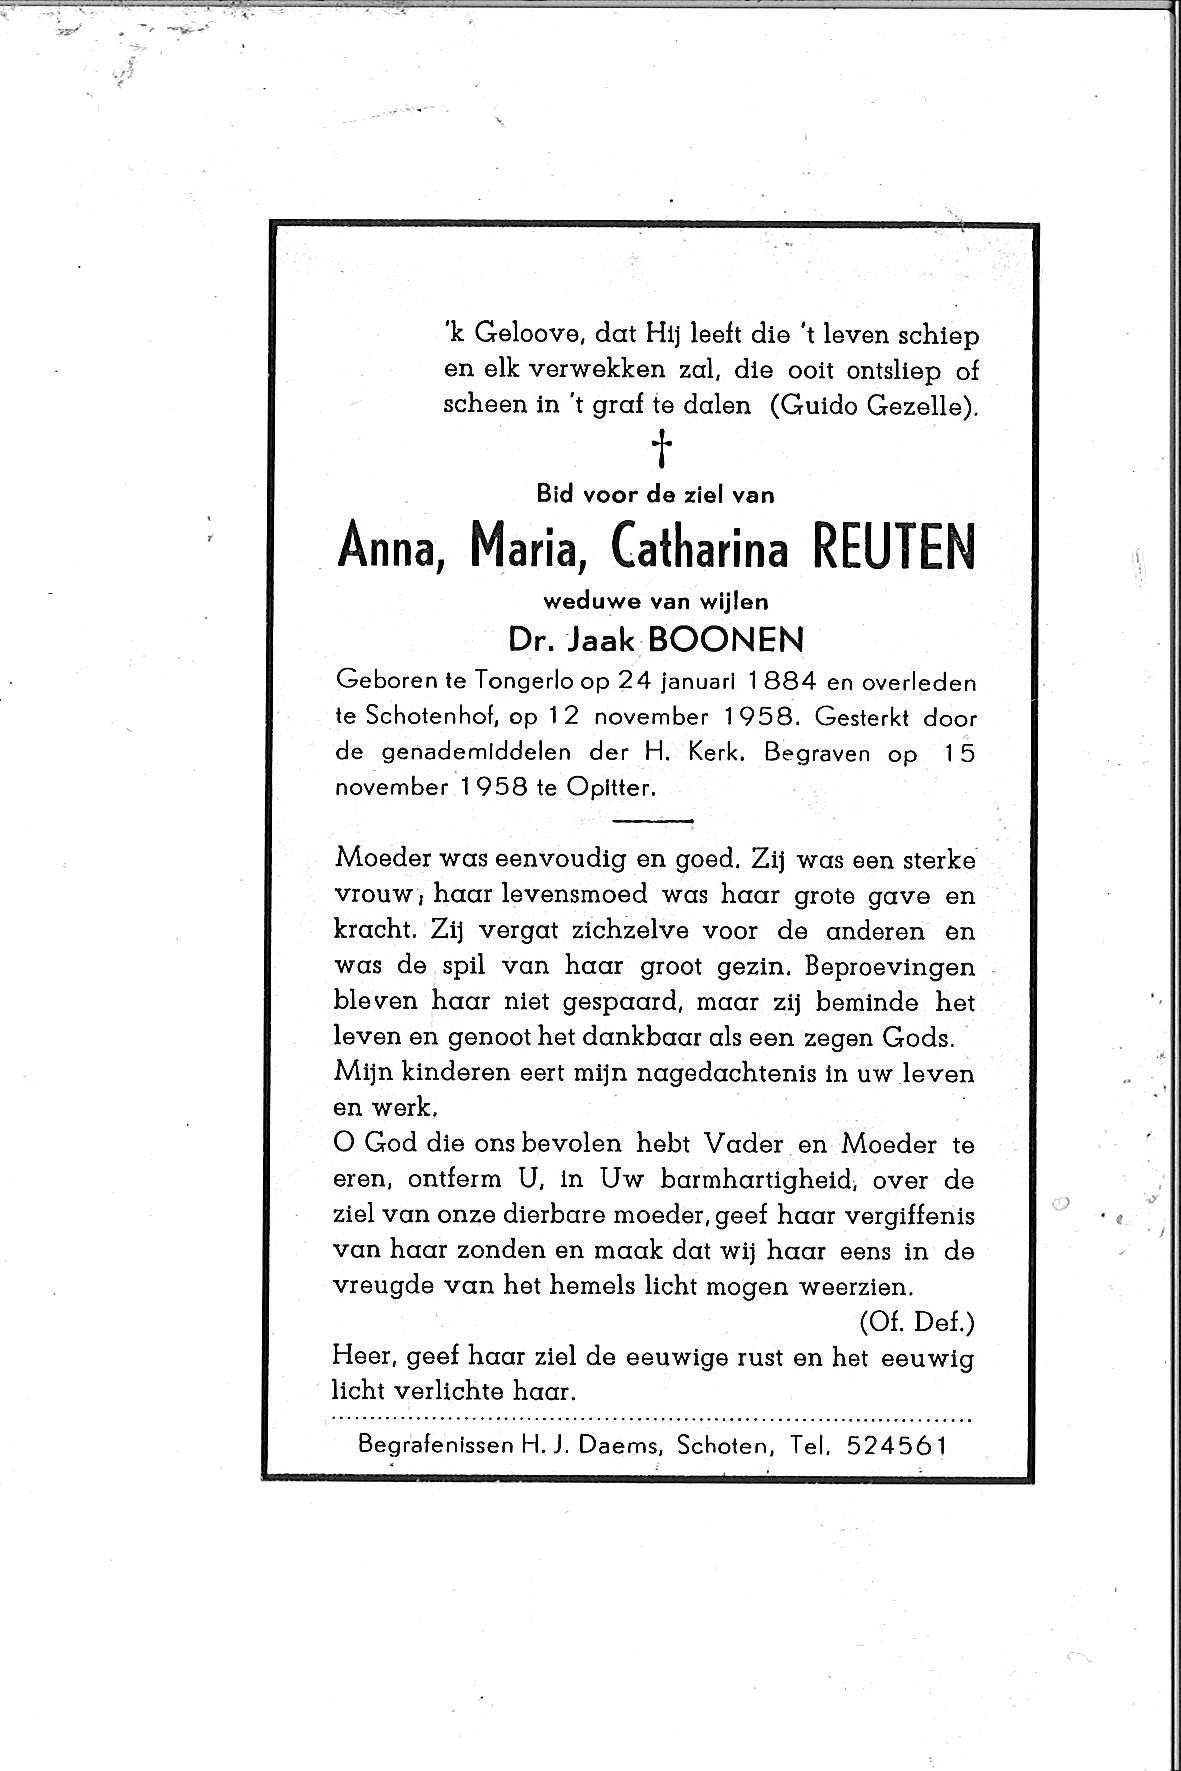 Anna-Maria-Catharina(1958)20141031113236_00060.jpg